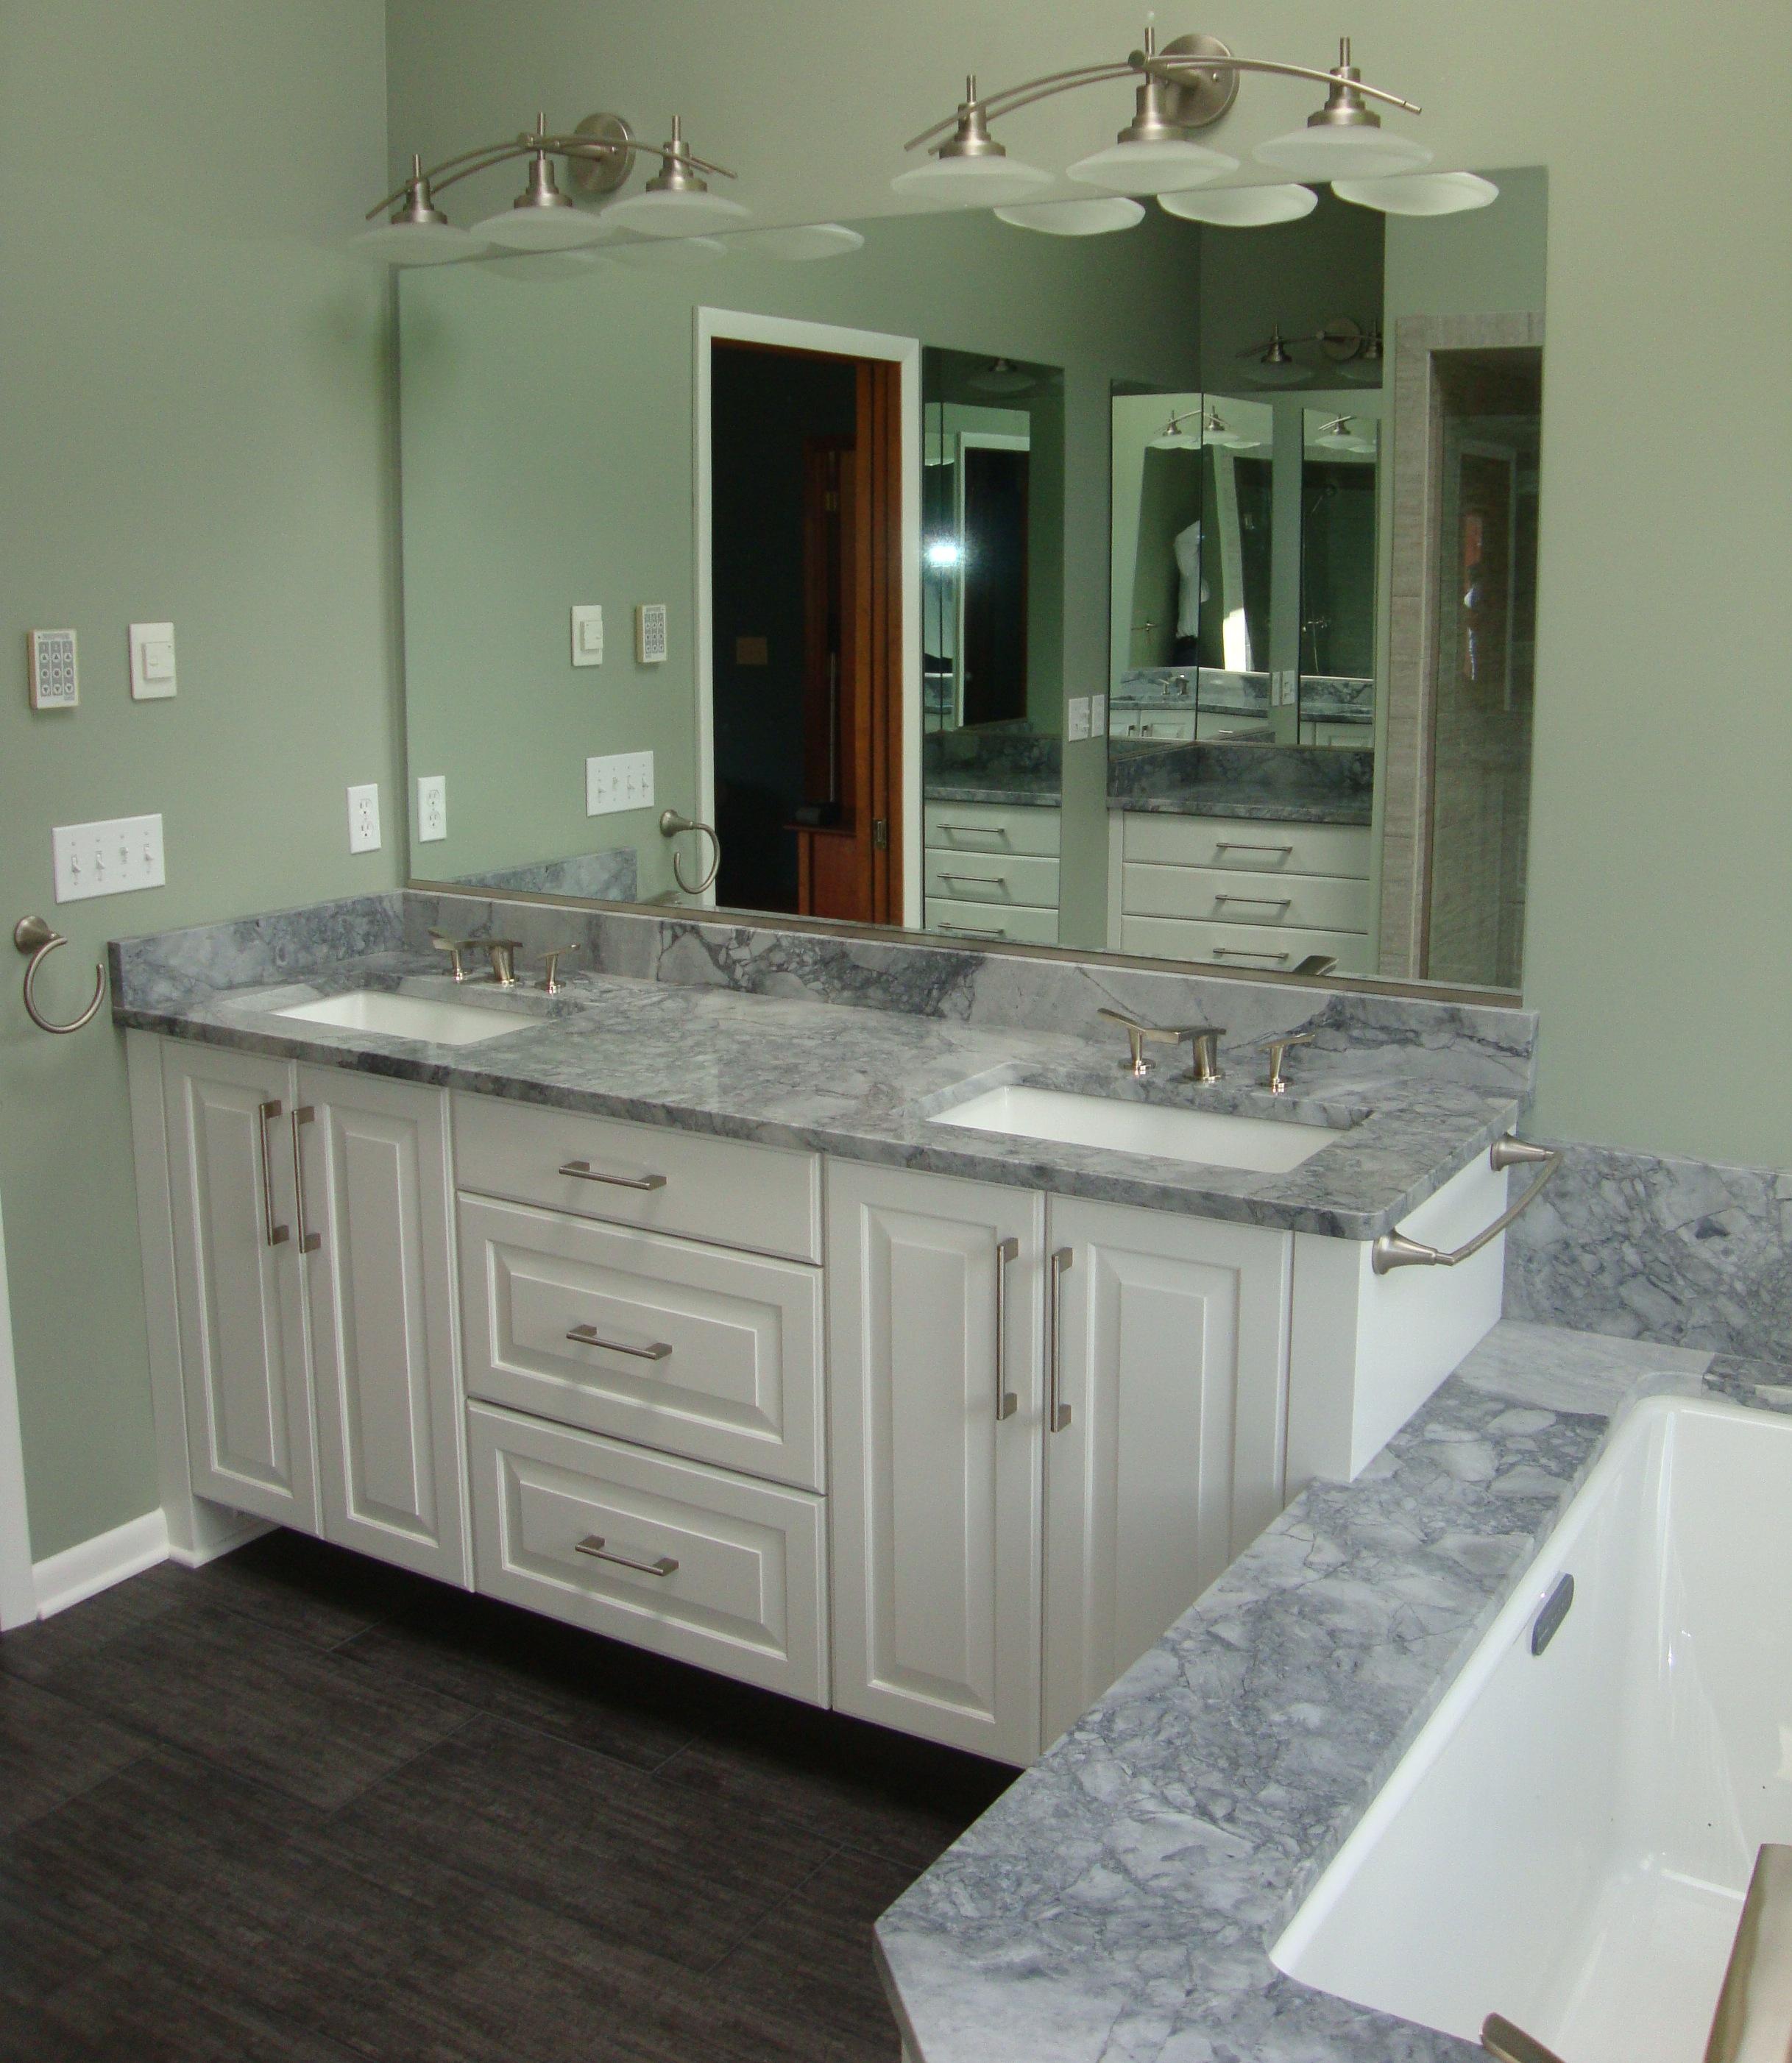 Proper Height For Bathroom Vanity Mirror2435 X 2803